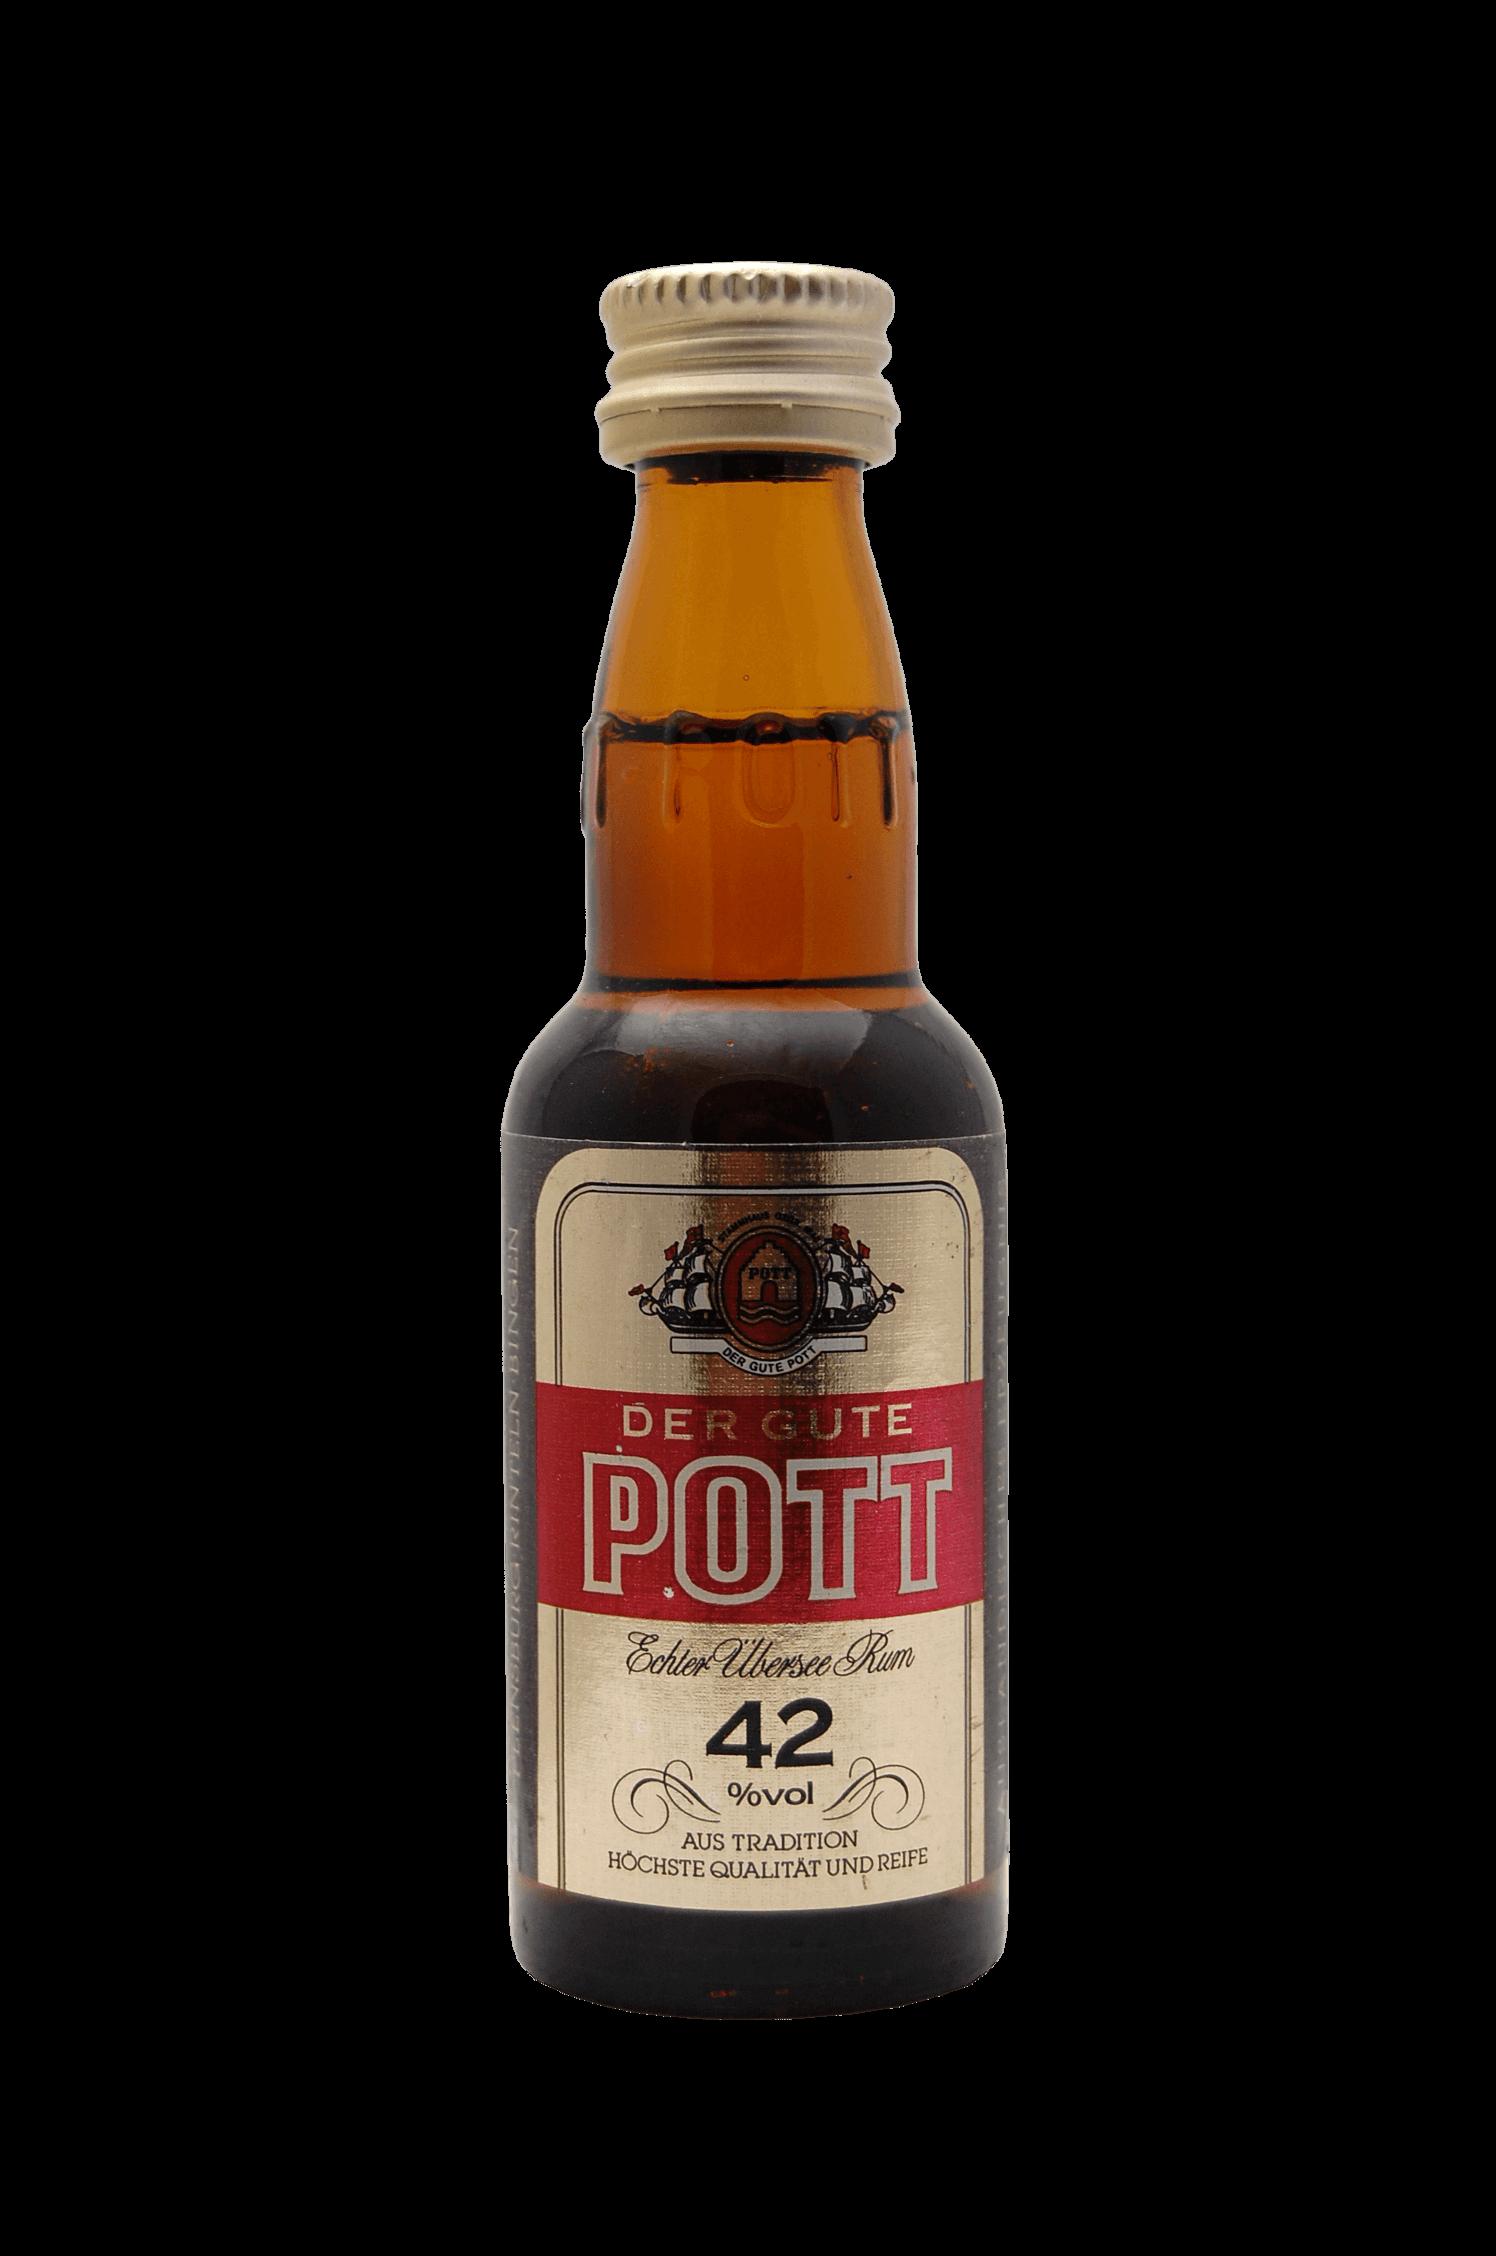 Der Gute Pott 42 Rum